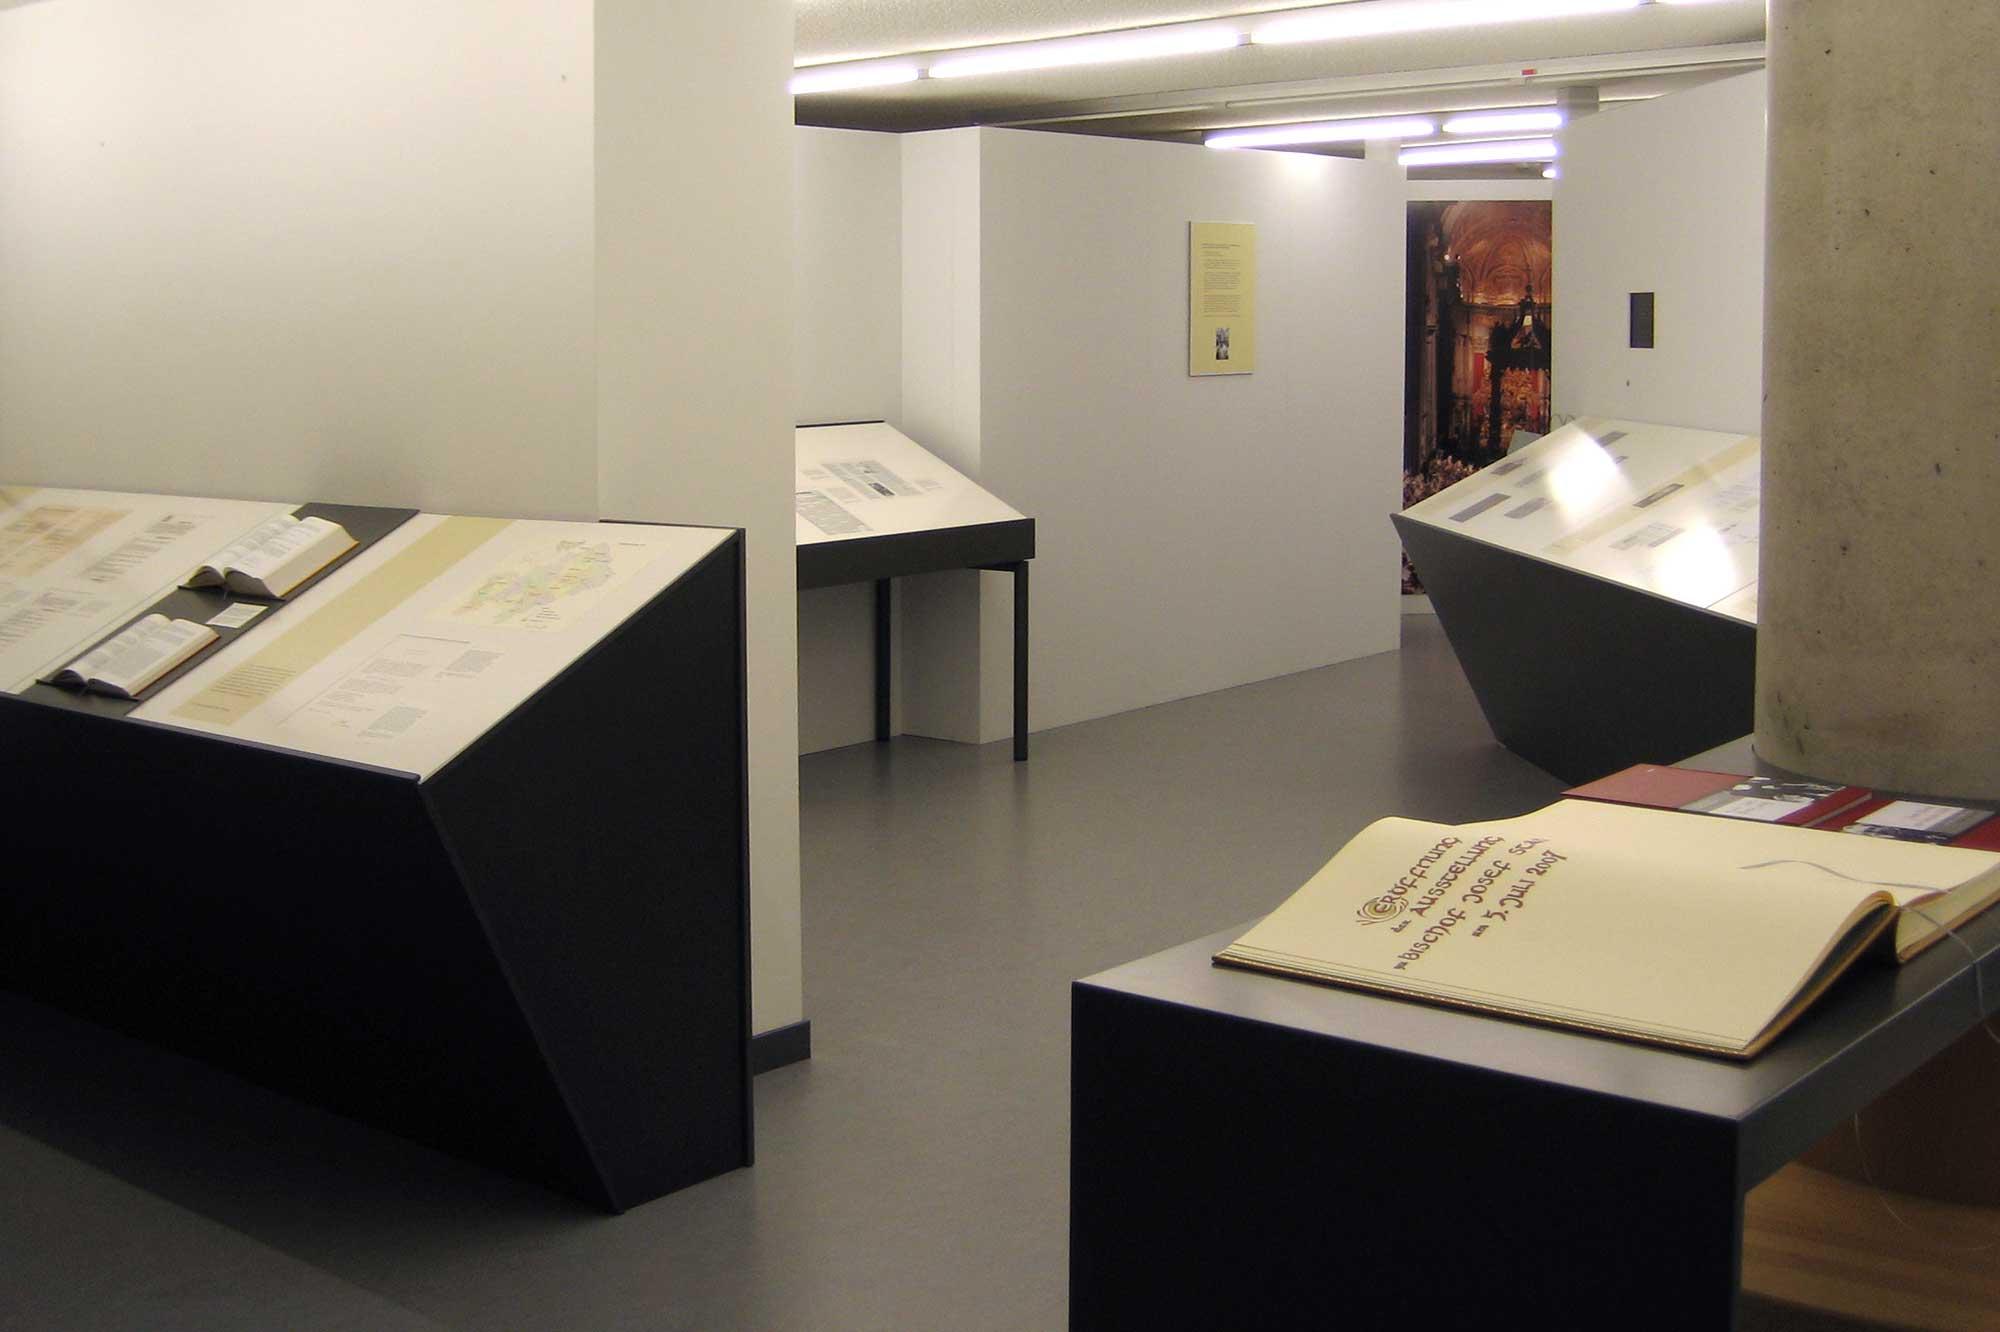 Darstellung zum Wandel der Liturgie nach dem Zweiten Vatikanum in der Rauminsel auf der Galerie in der Ausstellungsgestaltung Bischof Stangl